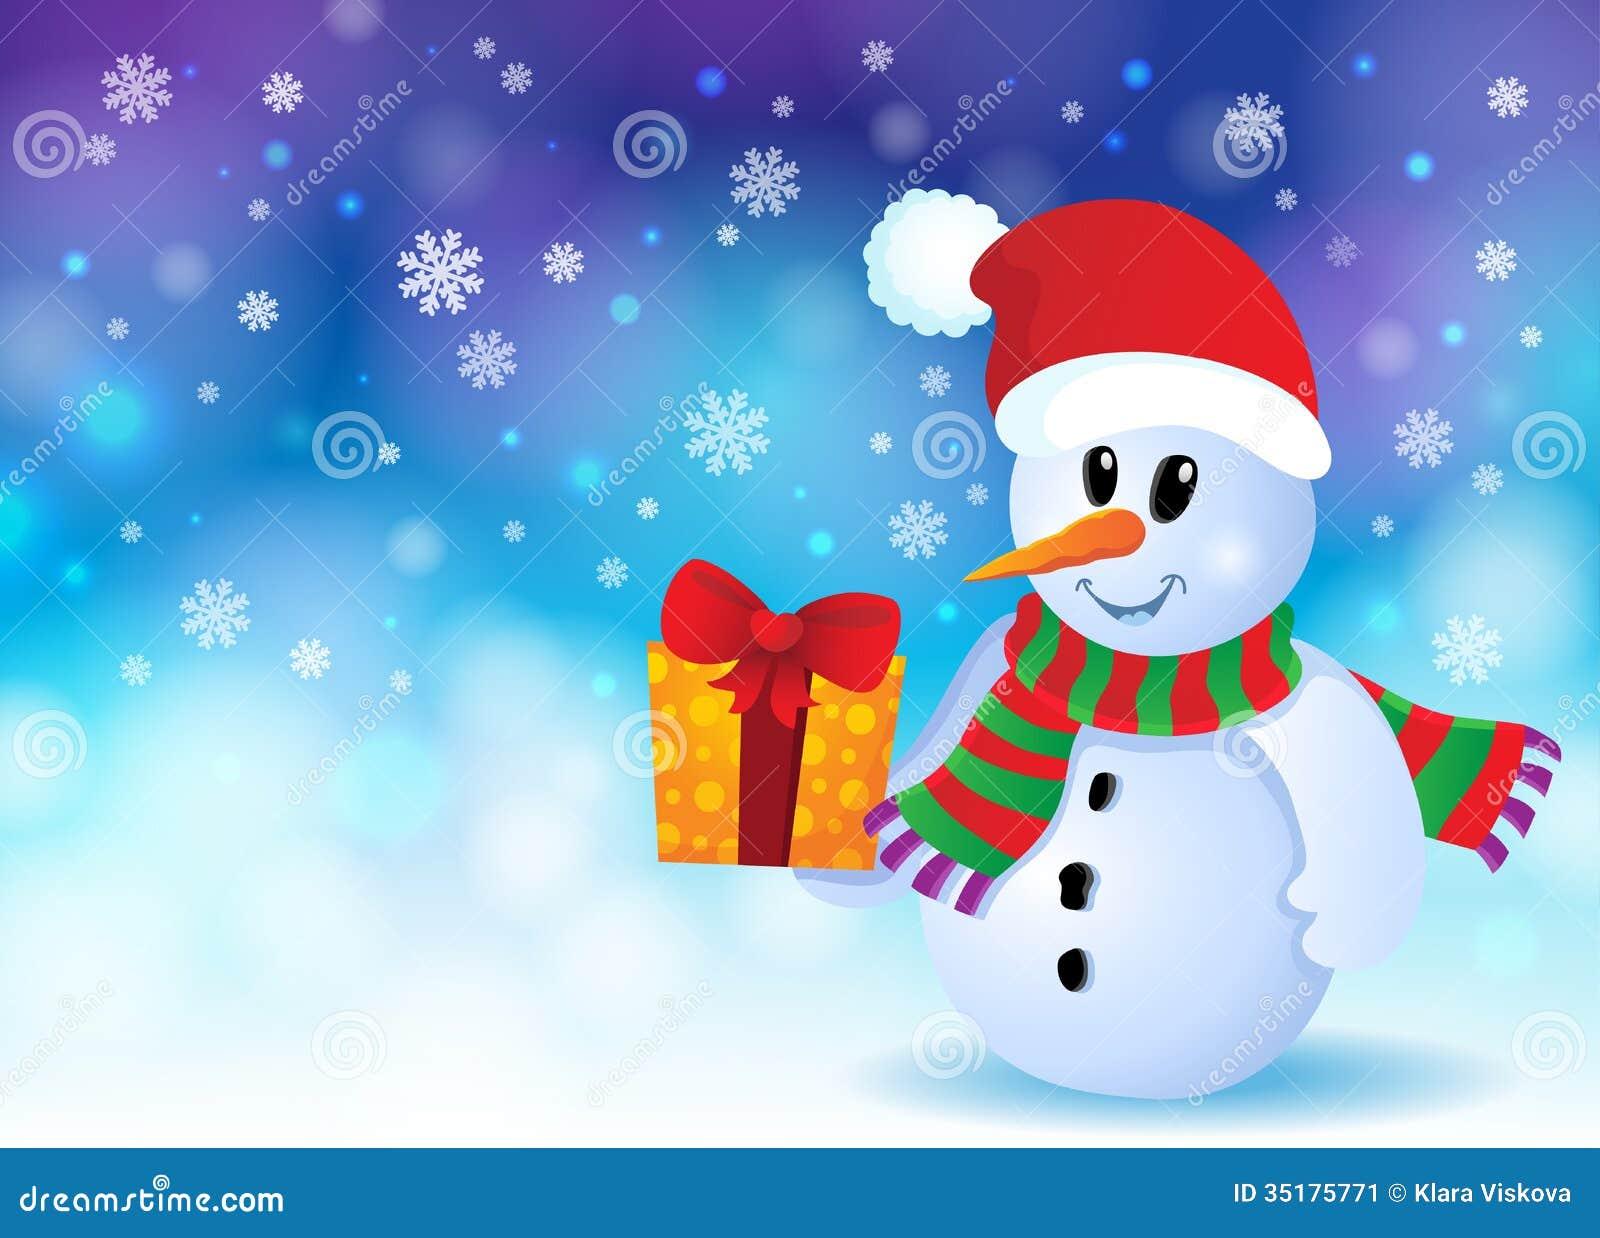 christmas snowman theme image 3 stock image image 35175771